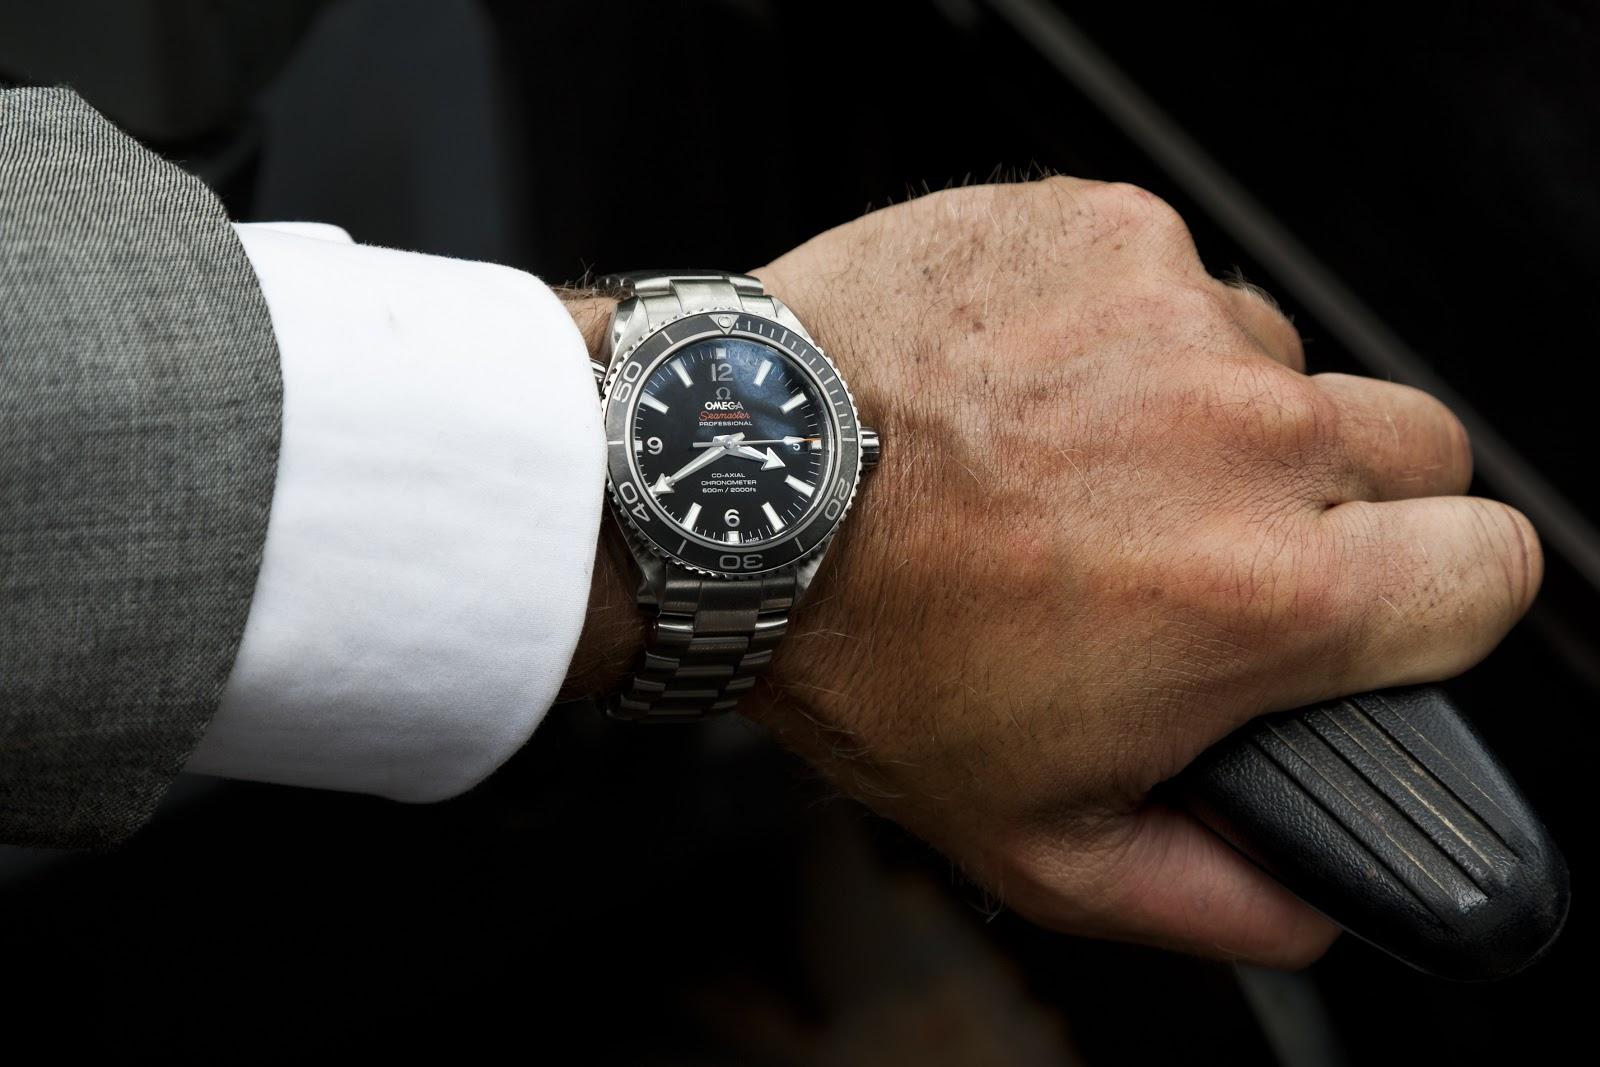 http://3.bp.blogspot.com/-CtSEsl-XlGI/UJAIMHnsUnI/AAAAAAAAJ4U/MiY9XC3ZWzk/s1600/Daniel+Craig+in+SKYFALL+wearing+OMEGA+Seamaster_3.jpg